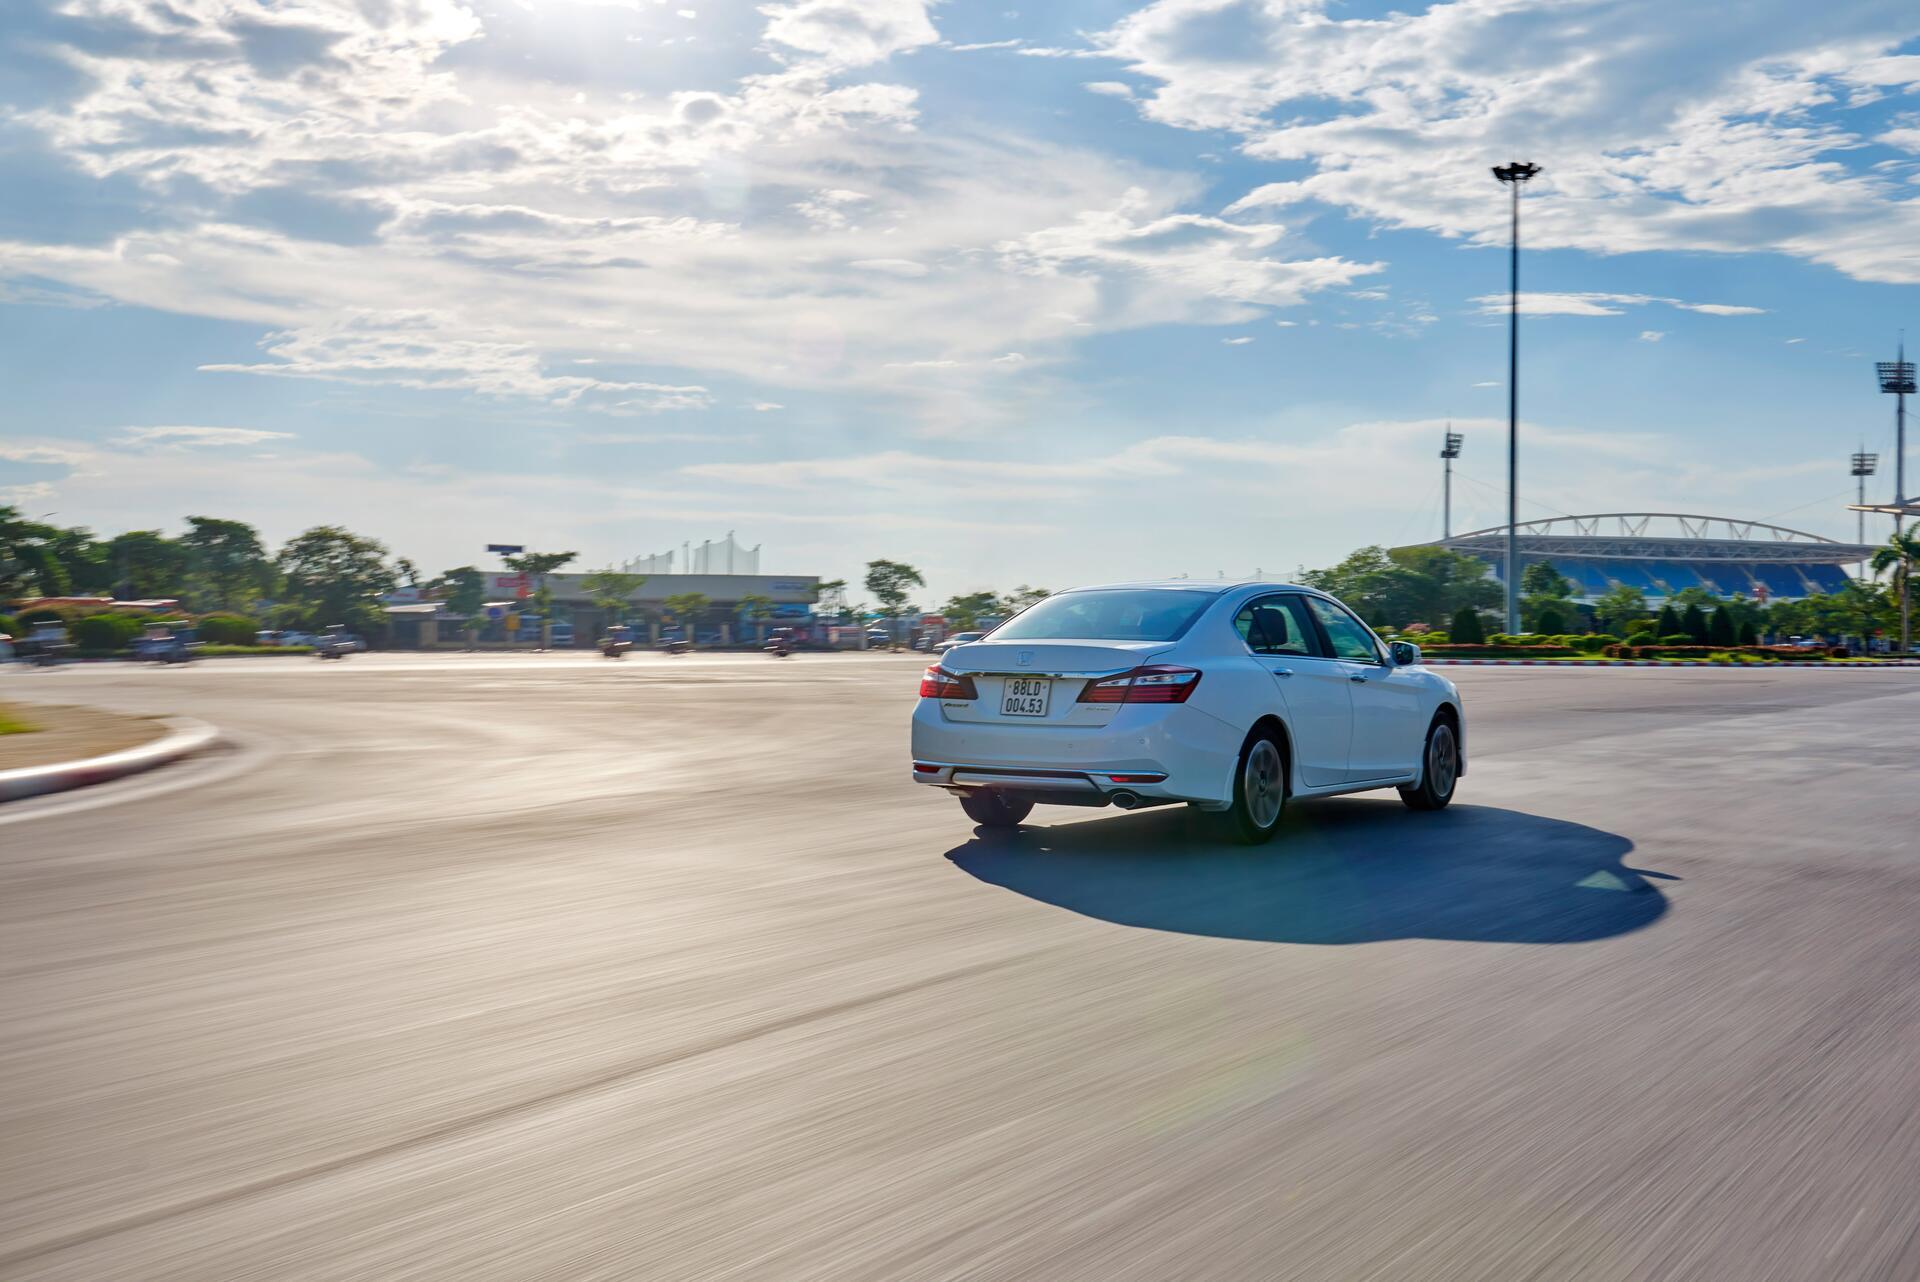 Đánh giá Honda Accord 2016: Ưa nhìn hơn, trang bị tốt hơn và lái phấn khích hơn - Hình 28